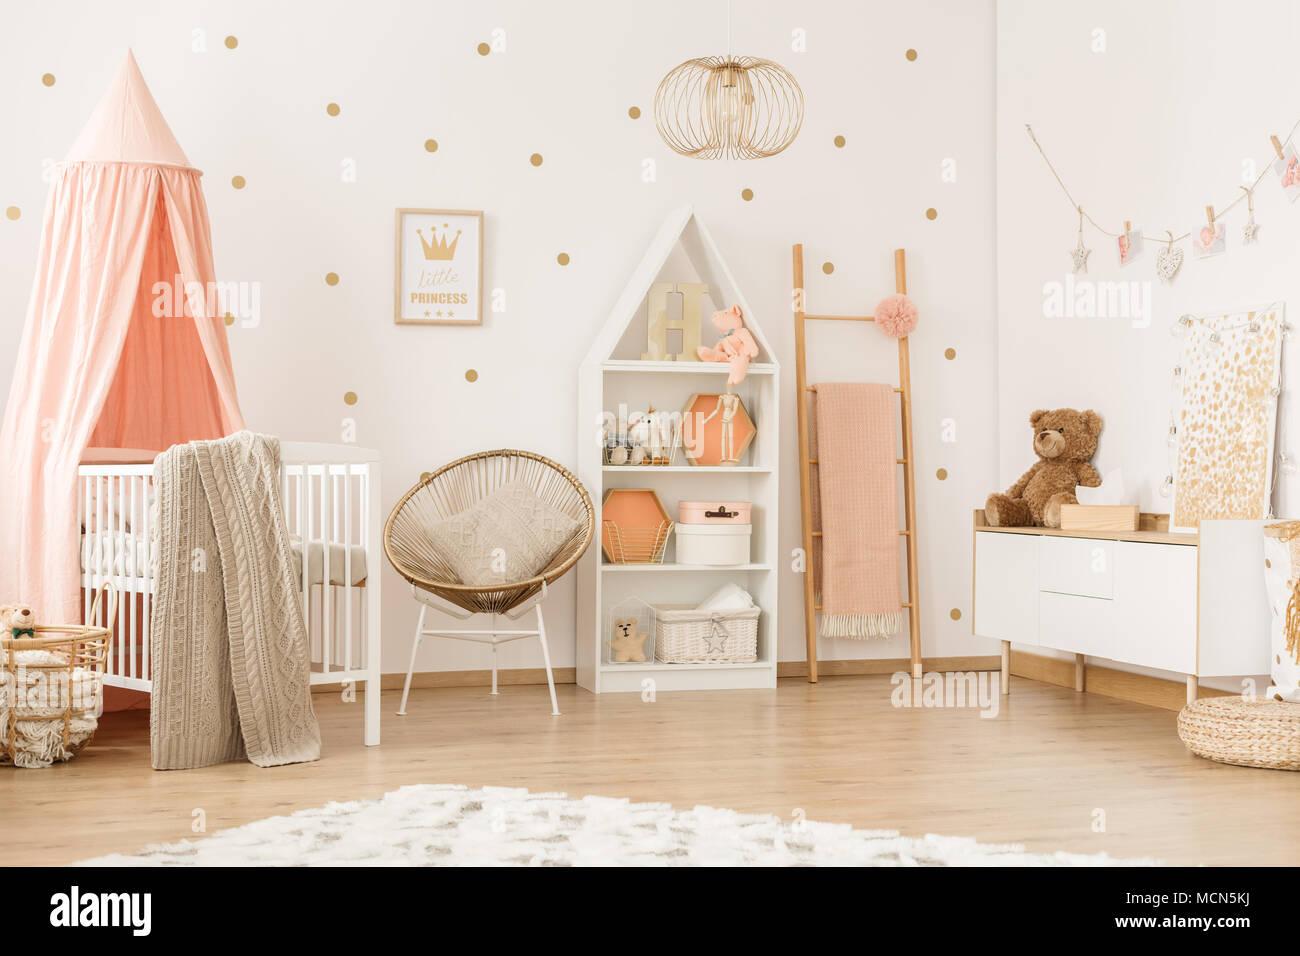 Poltrona in oro e la scaletta in pastello girly interiore camera da ...